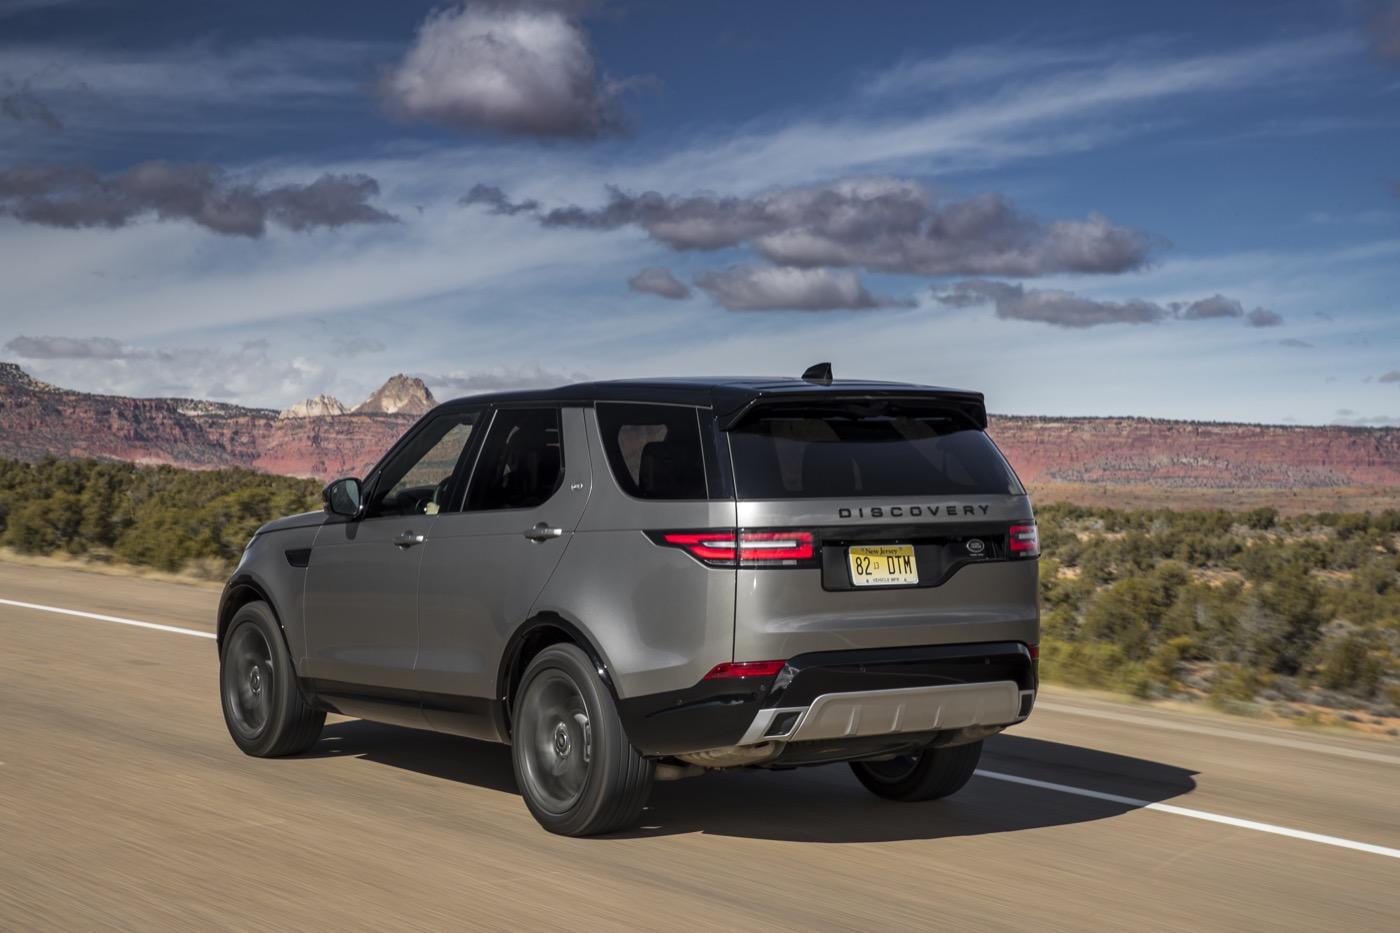 Jaguar Land Rover Exec: новое открытие приводит к тому, что традиционалисты «сосут над собой»